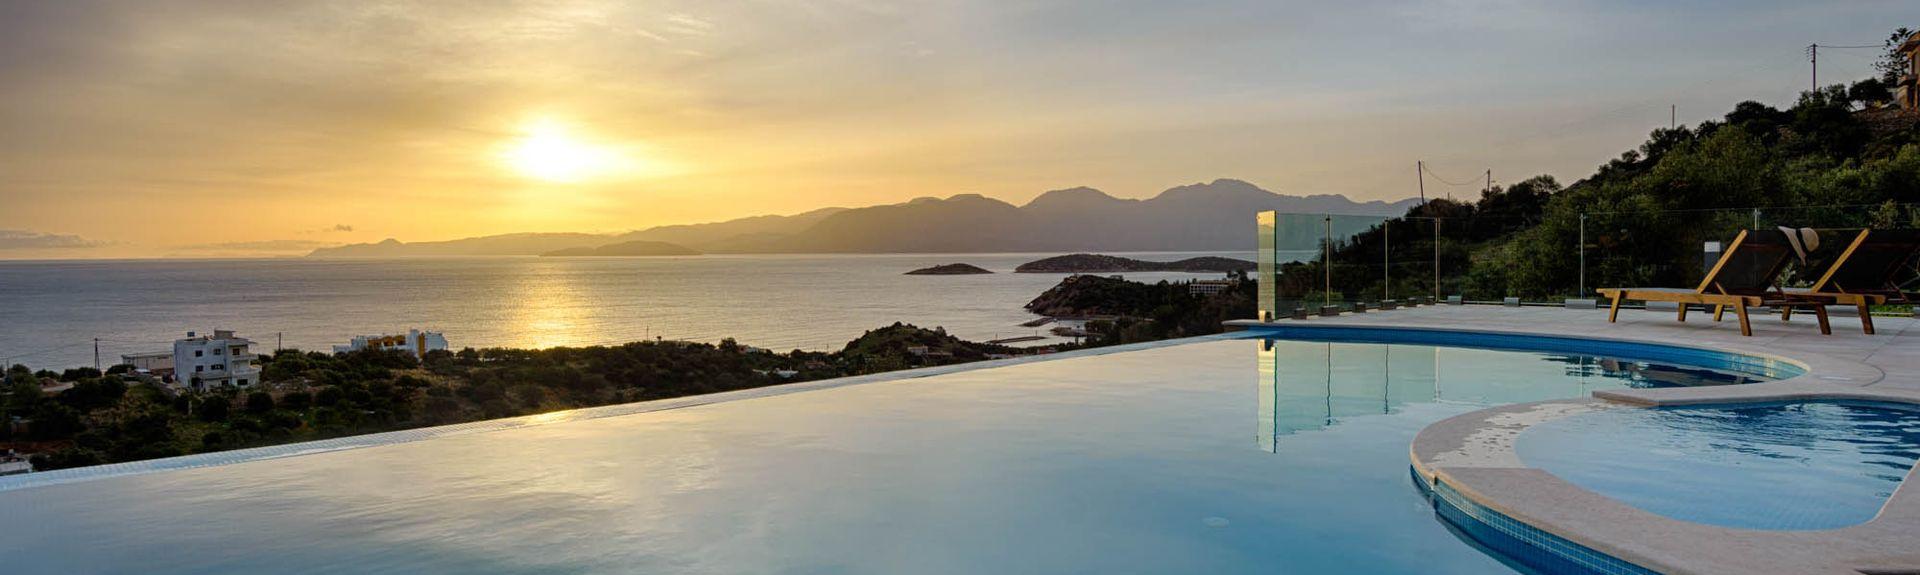 Plage de Stalis, Stalida, Crète, Grèce